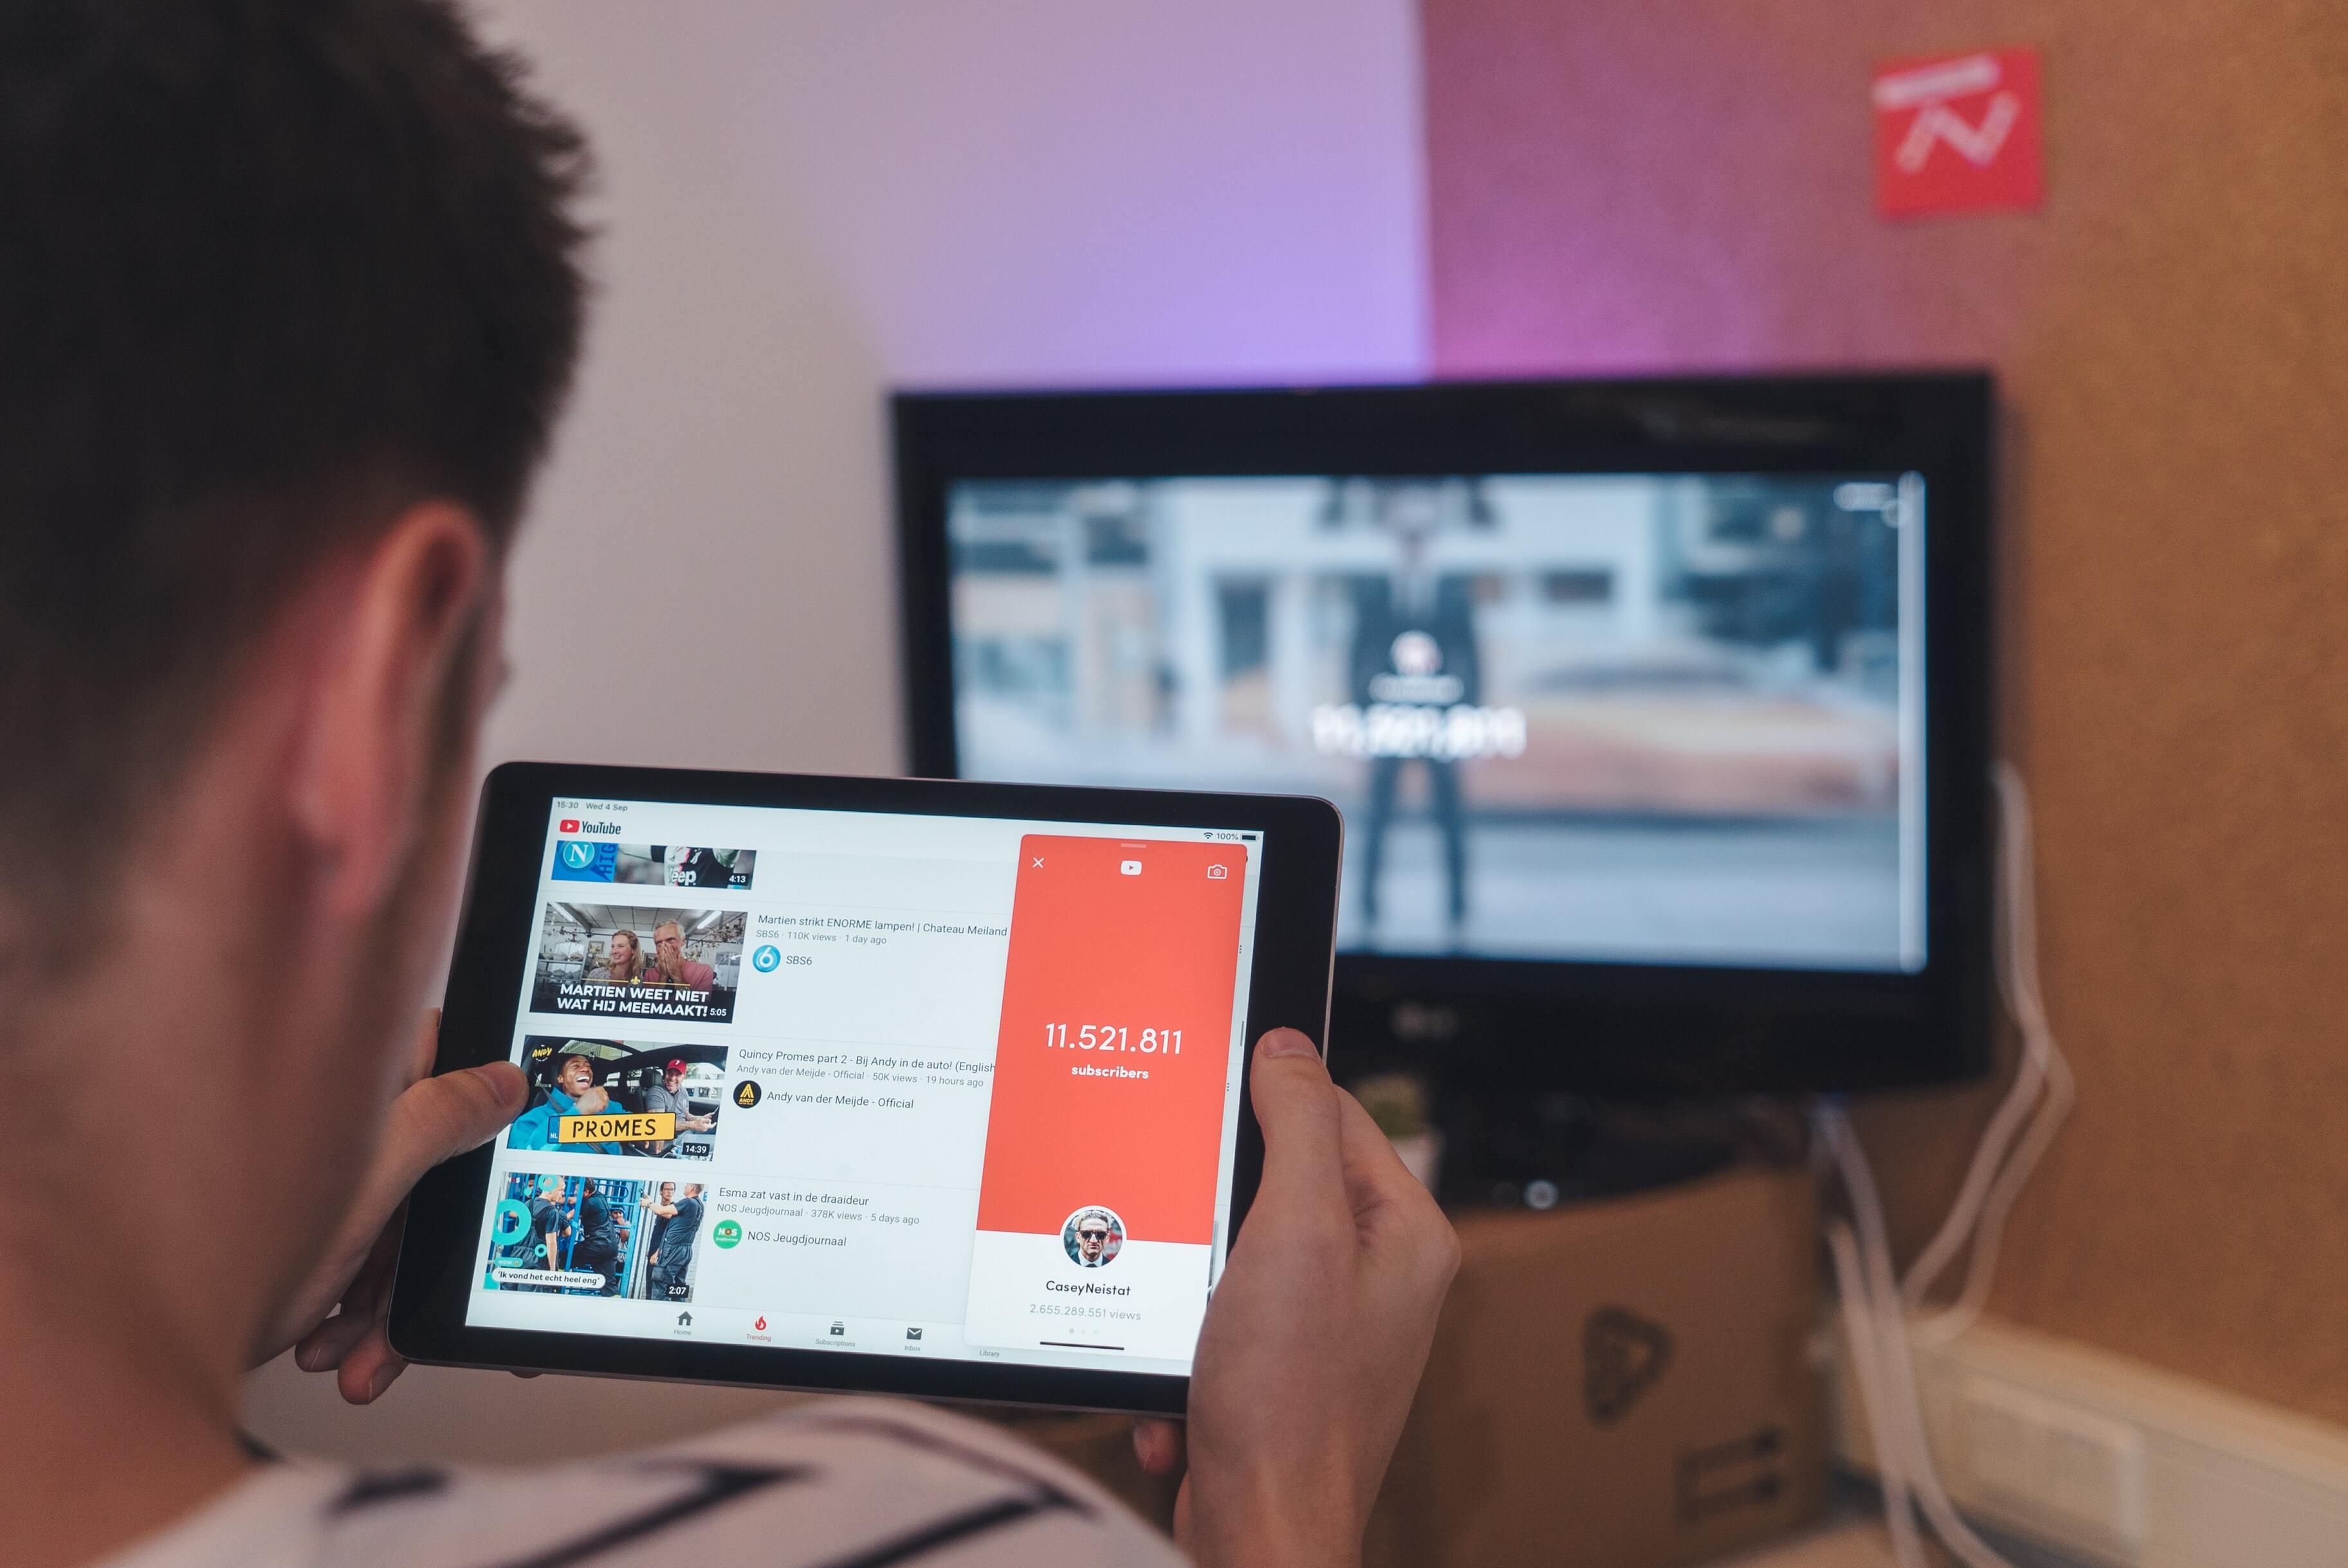 Следователь из России хотела допросить 43 тысячи зрителей YouTube-канала